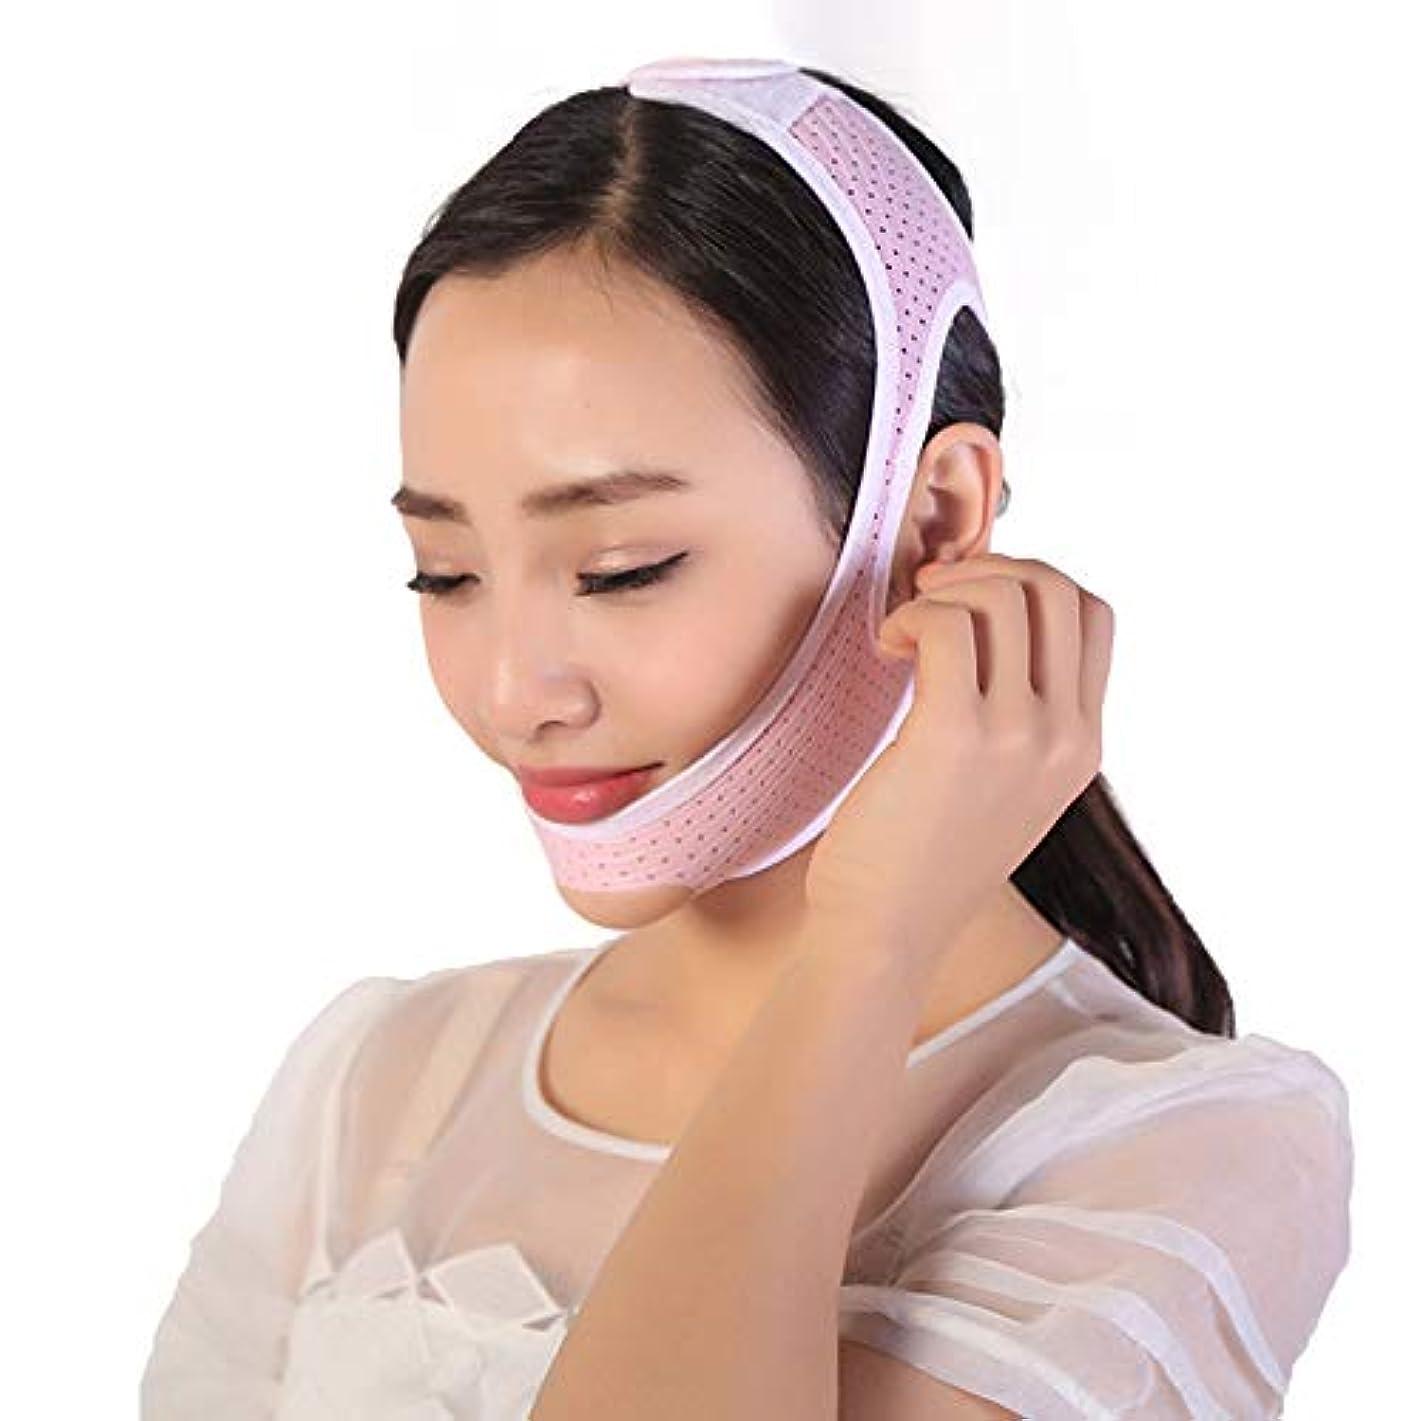 くるくるいたずらな山積みのGYZ フェイシャルリフティングスリミングベルト - 薄型フェイス包帯ダブルチンデバイスフェイシャルマッサージアンチエイジングリンクルフェイスマスクベルト Thin Face Belt (Size : L)